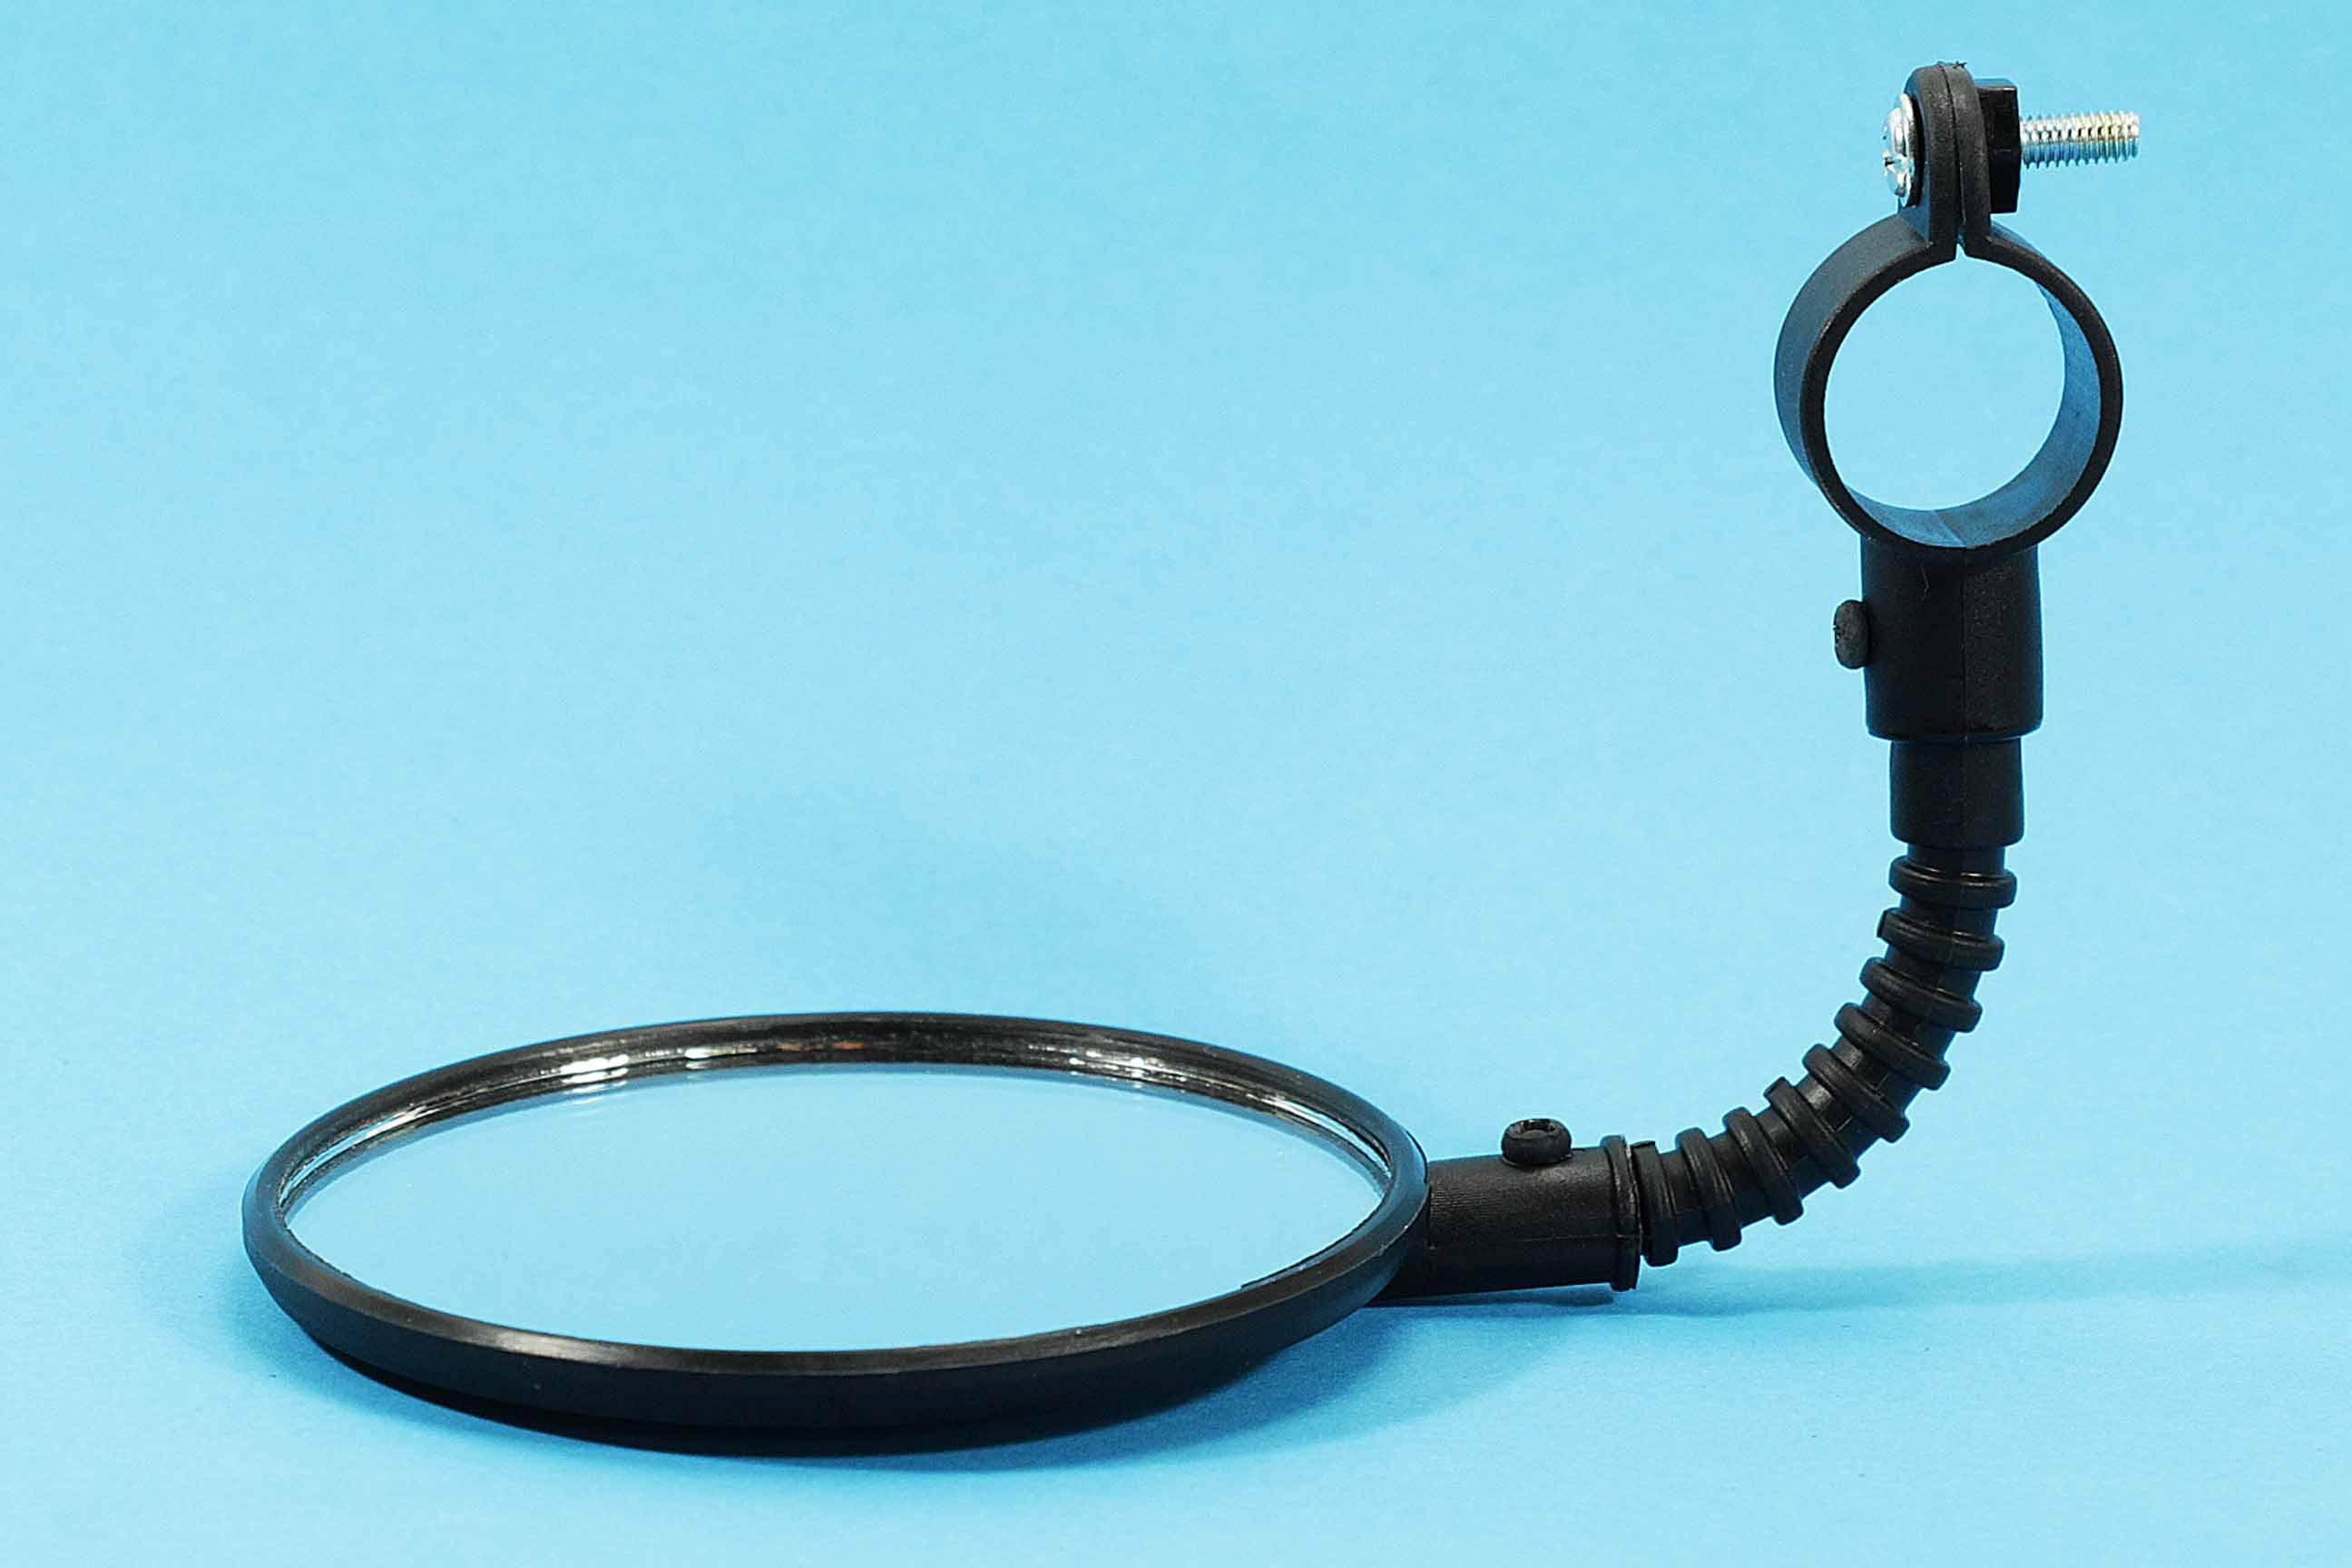 Fahrradspiegel mit Reflektor,Metall verchromt,Fahrrad Rück Strahler Spiegel,rund